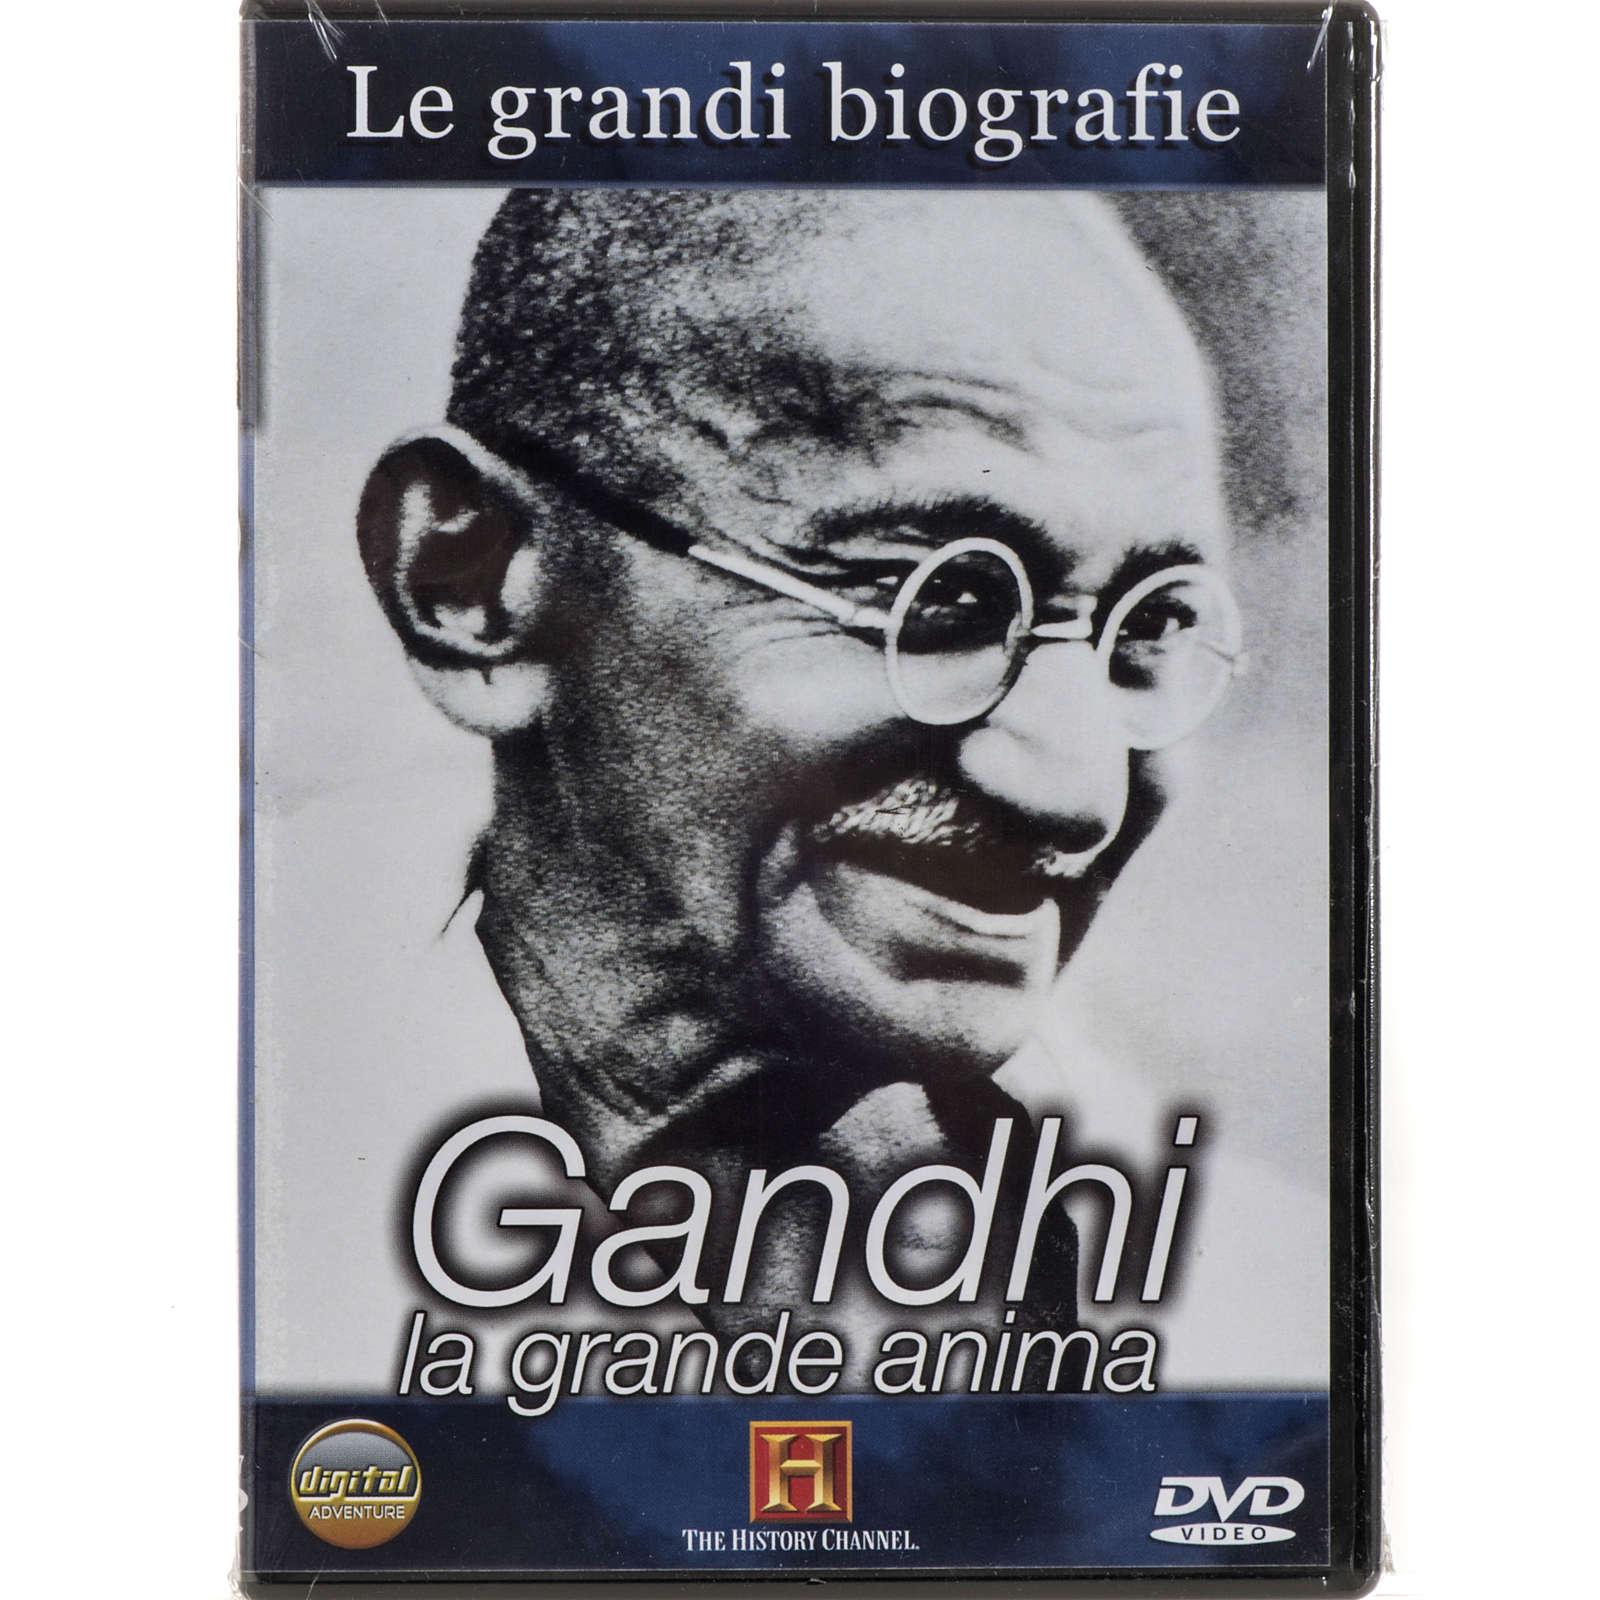 Gandhi la grande anima 3